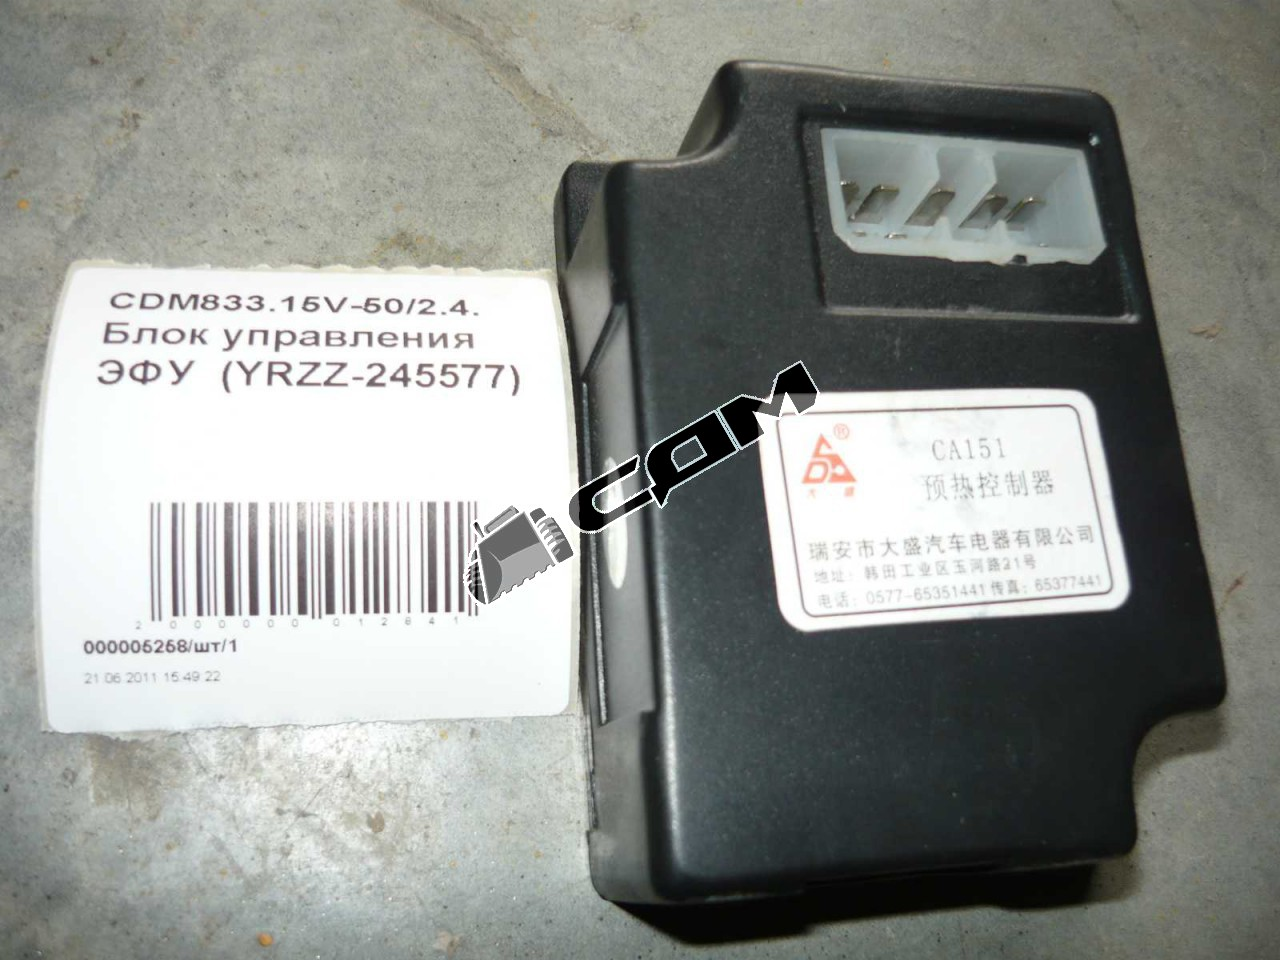 Блок управления ЭФУ CDM833.15V-50 () YRZZ-245577